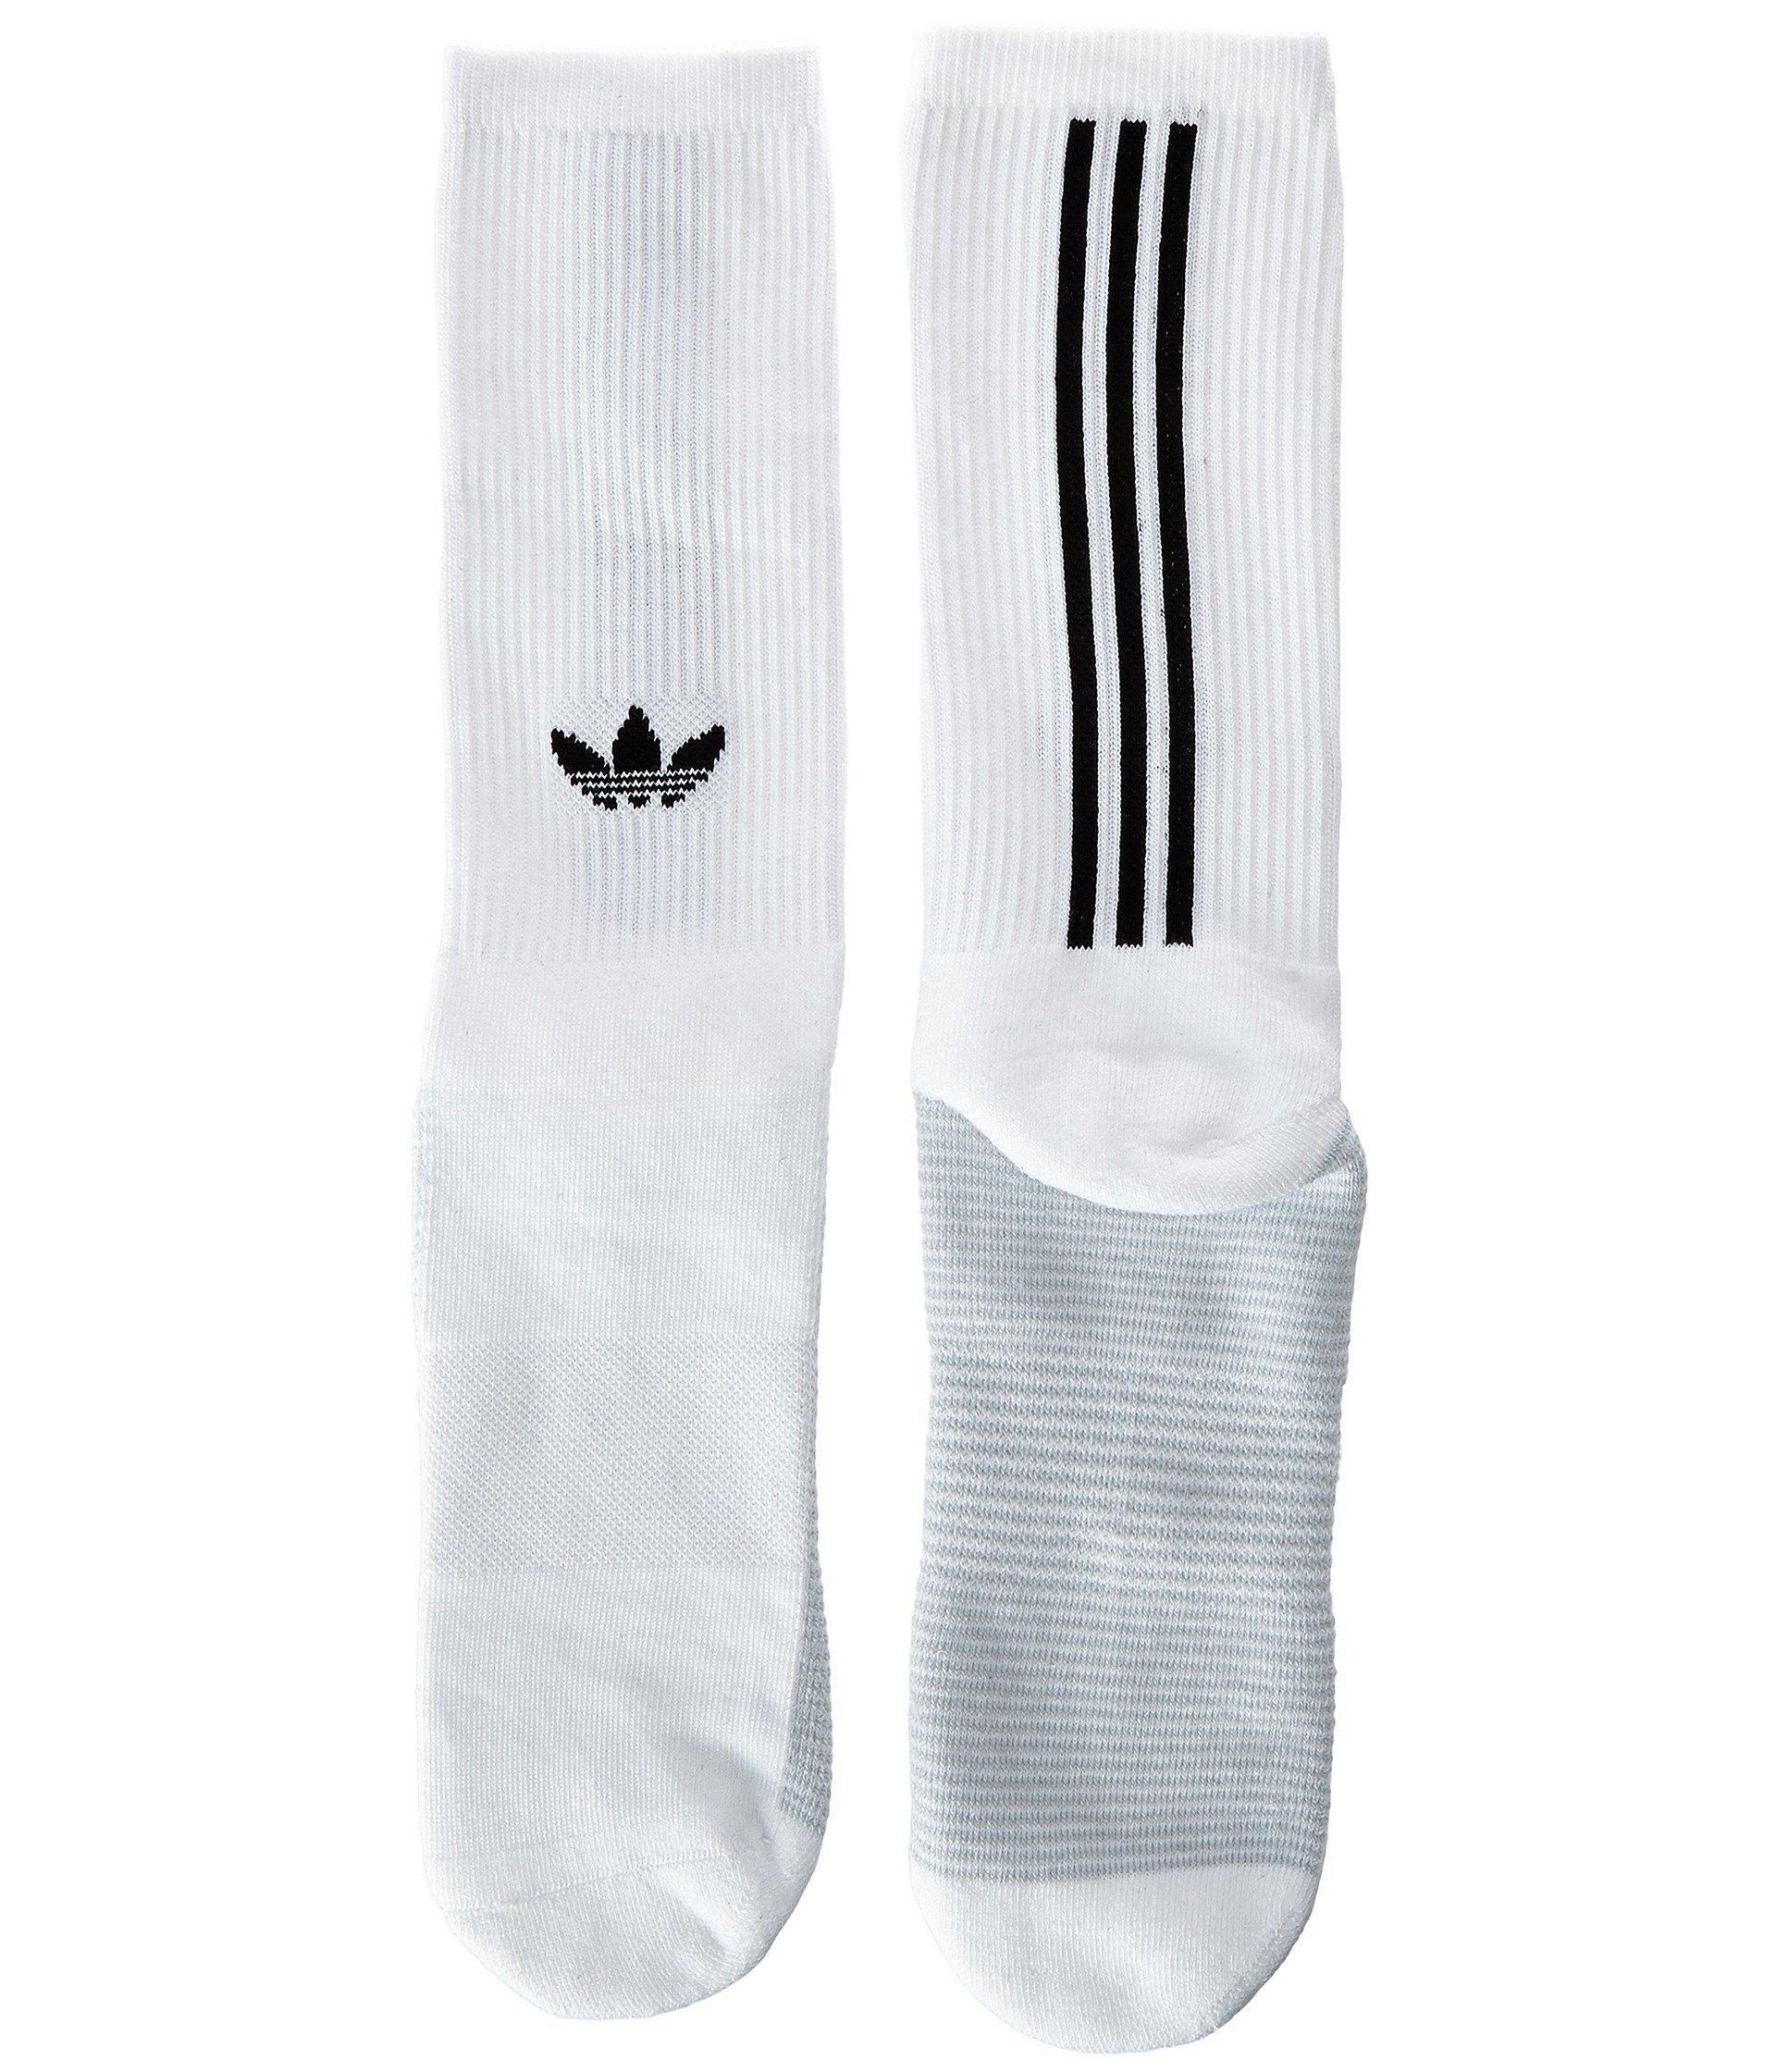 Lyst Adidas Originals Originals 3 Stripe Statement Single Crew